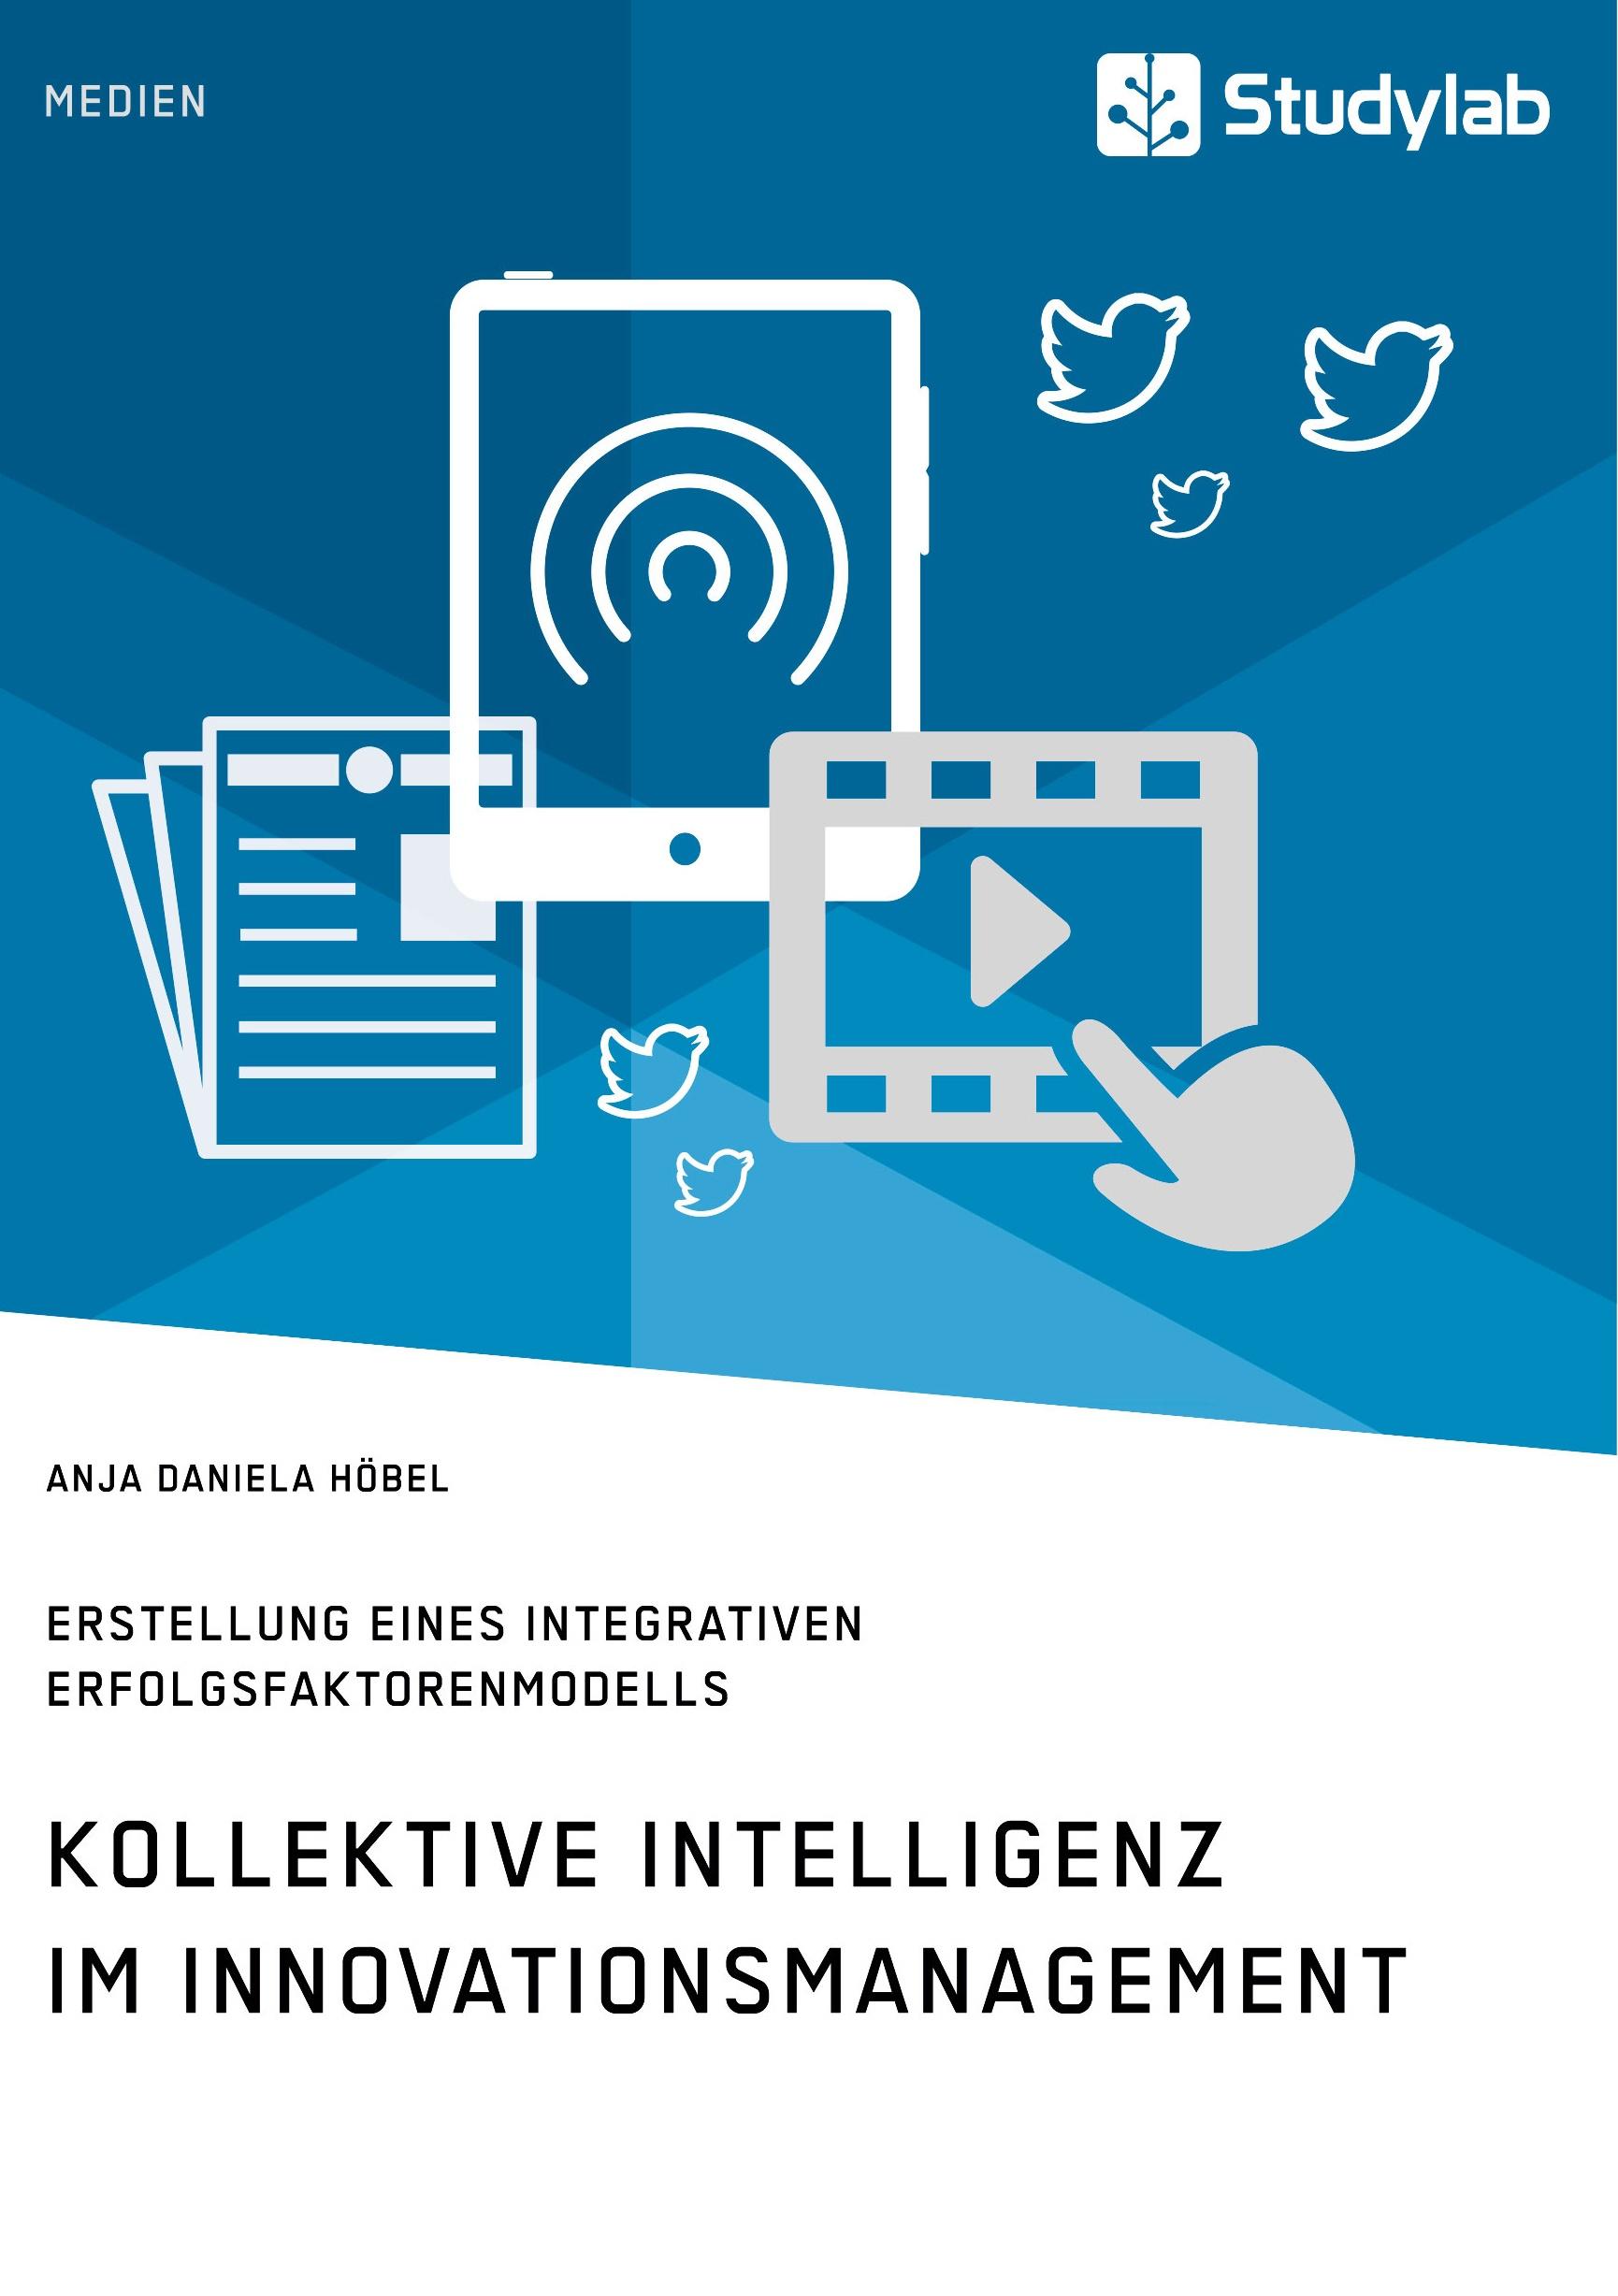 Titel: Kollektive Intelligenz im Innovationsmanagement